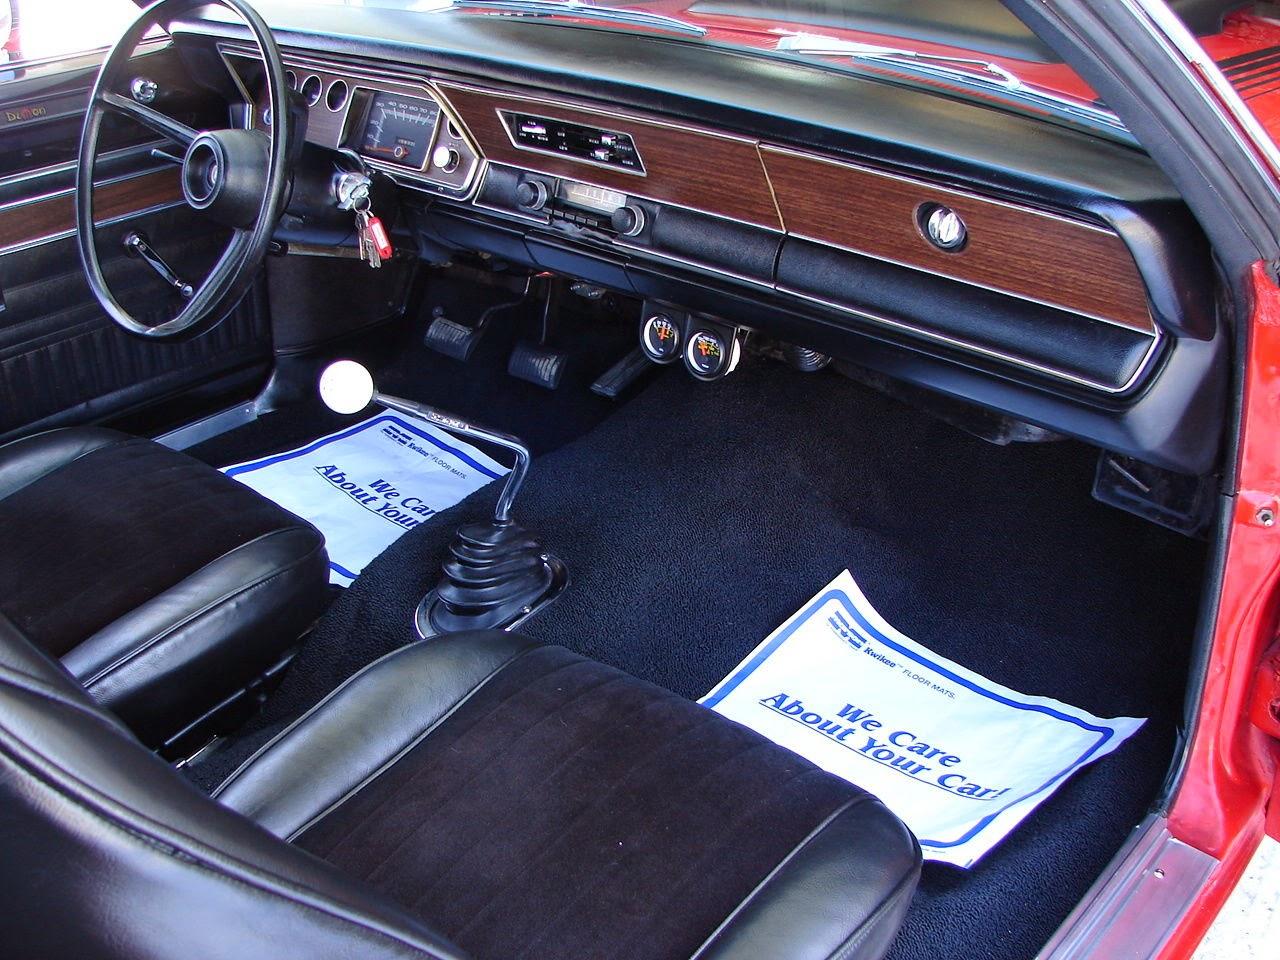 Dodge Conversion Van >> All American Classic Cars: 1972 Dodge Dart Demon 340 2-Door Coupe